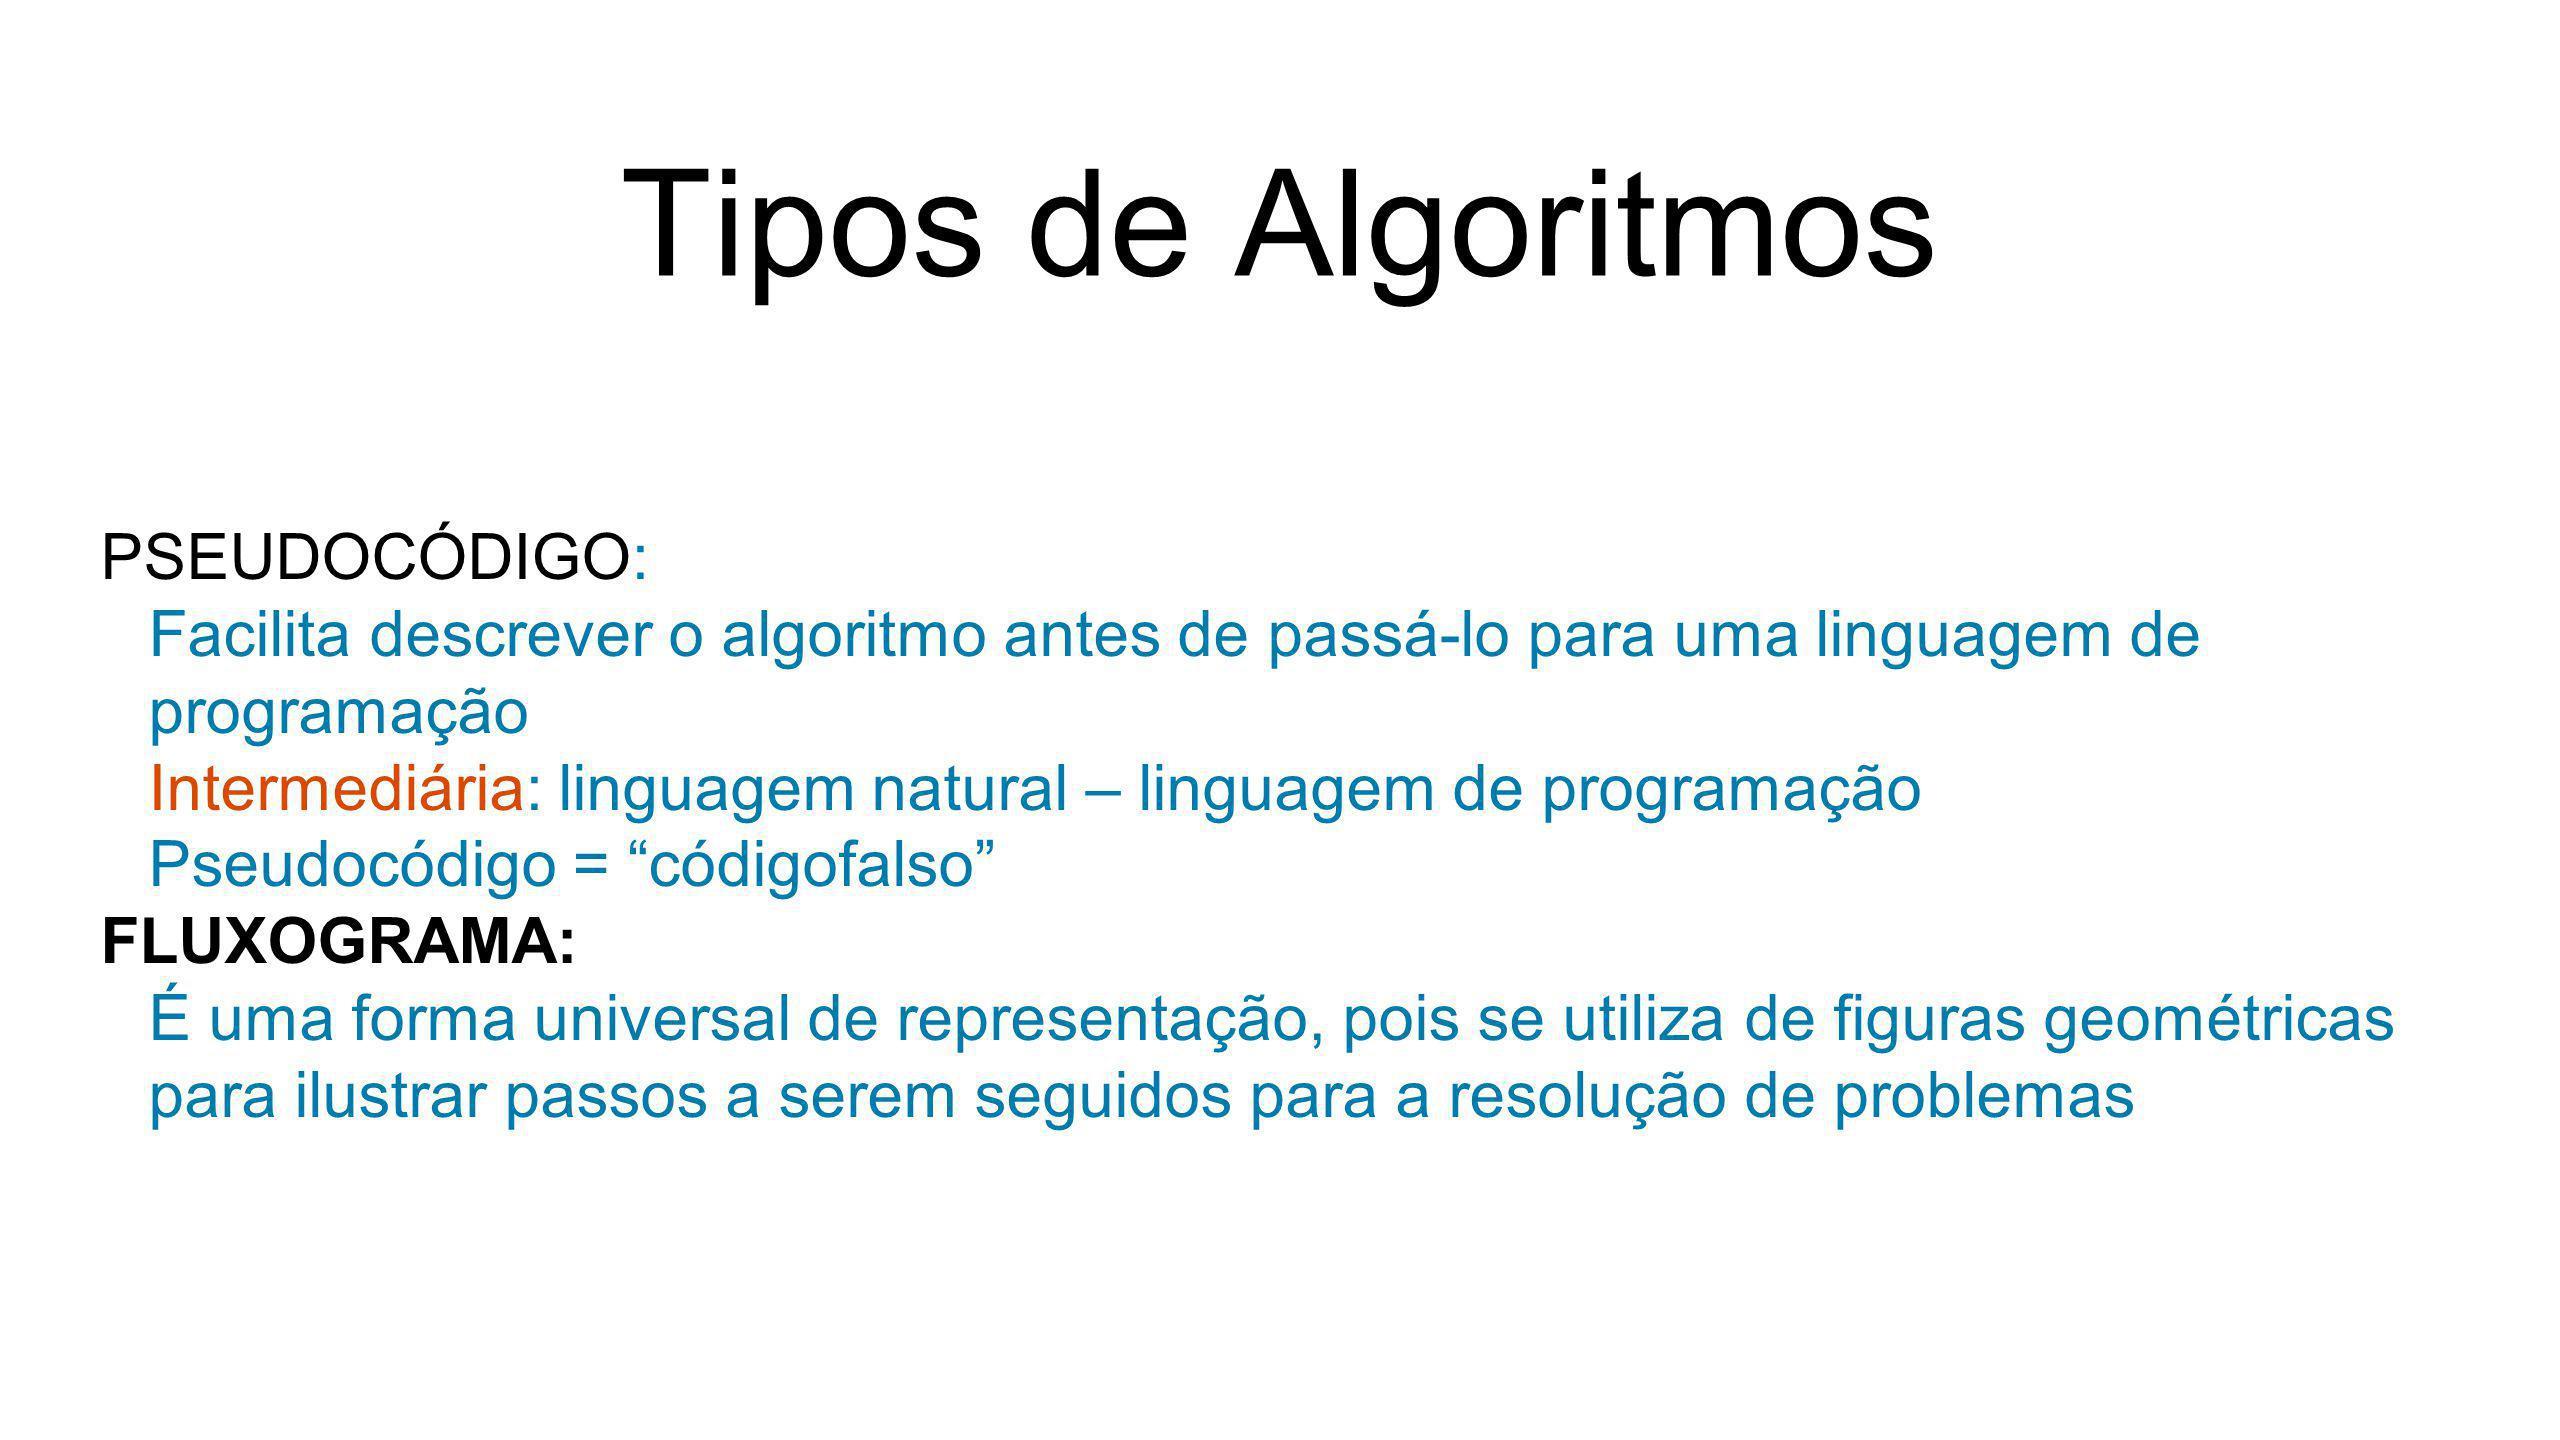 Tipos de Algoritmos PSEUDOCÓDIGO: Facilita descrever o algoritmo antes de passá-lo para uma linguagem de programação Intermediária: linguagem natural